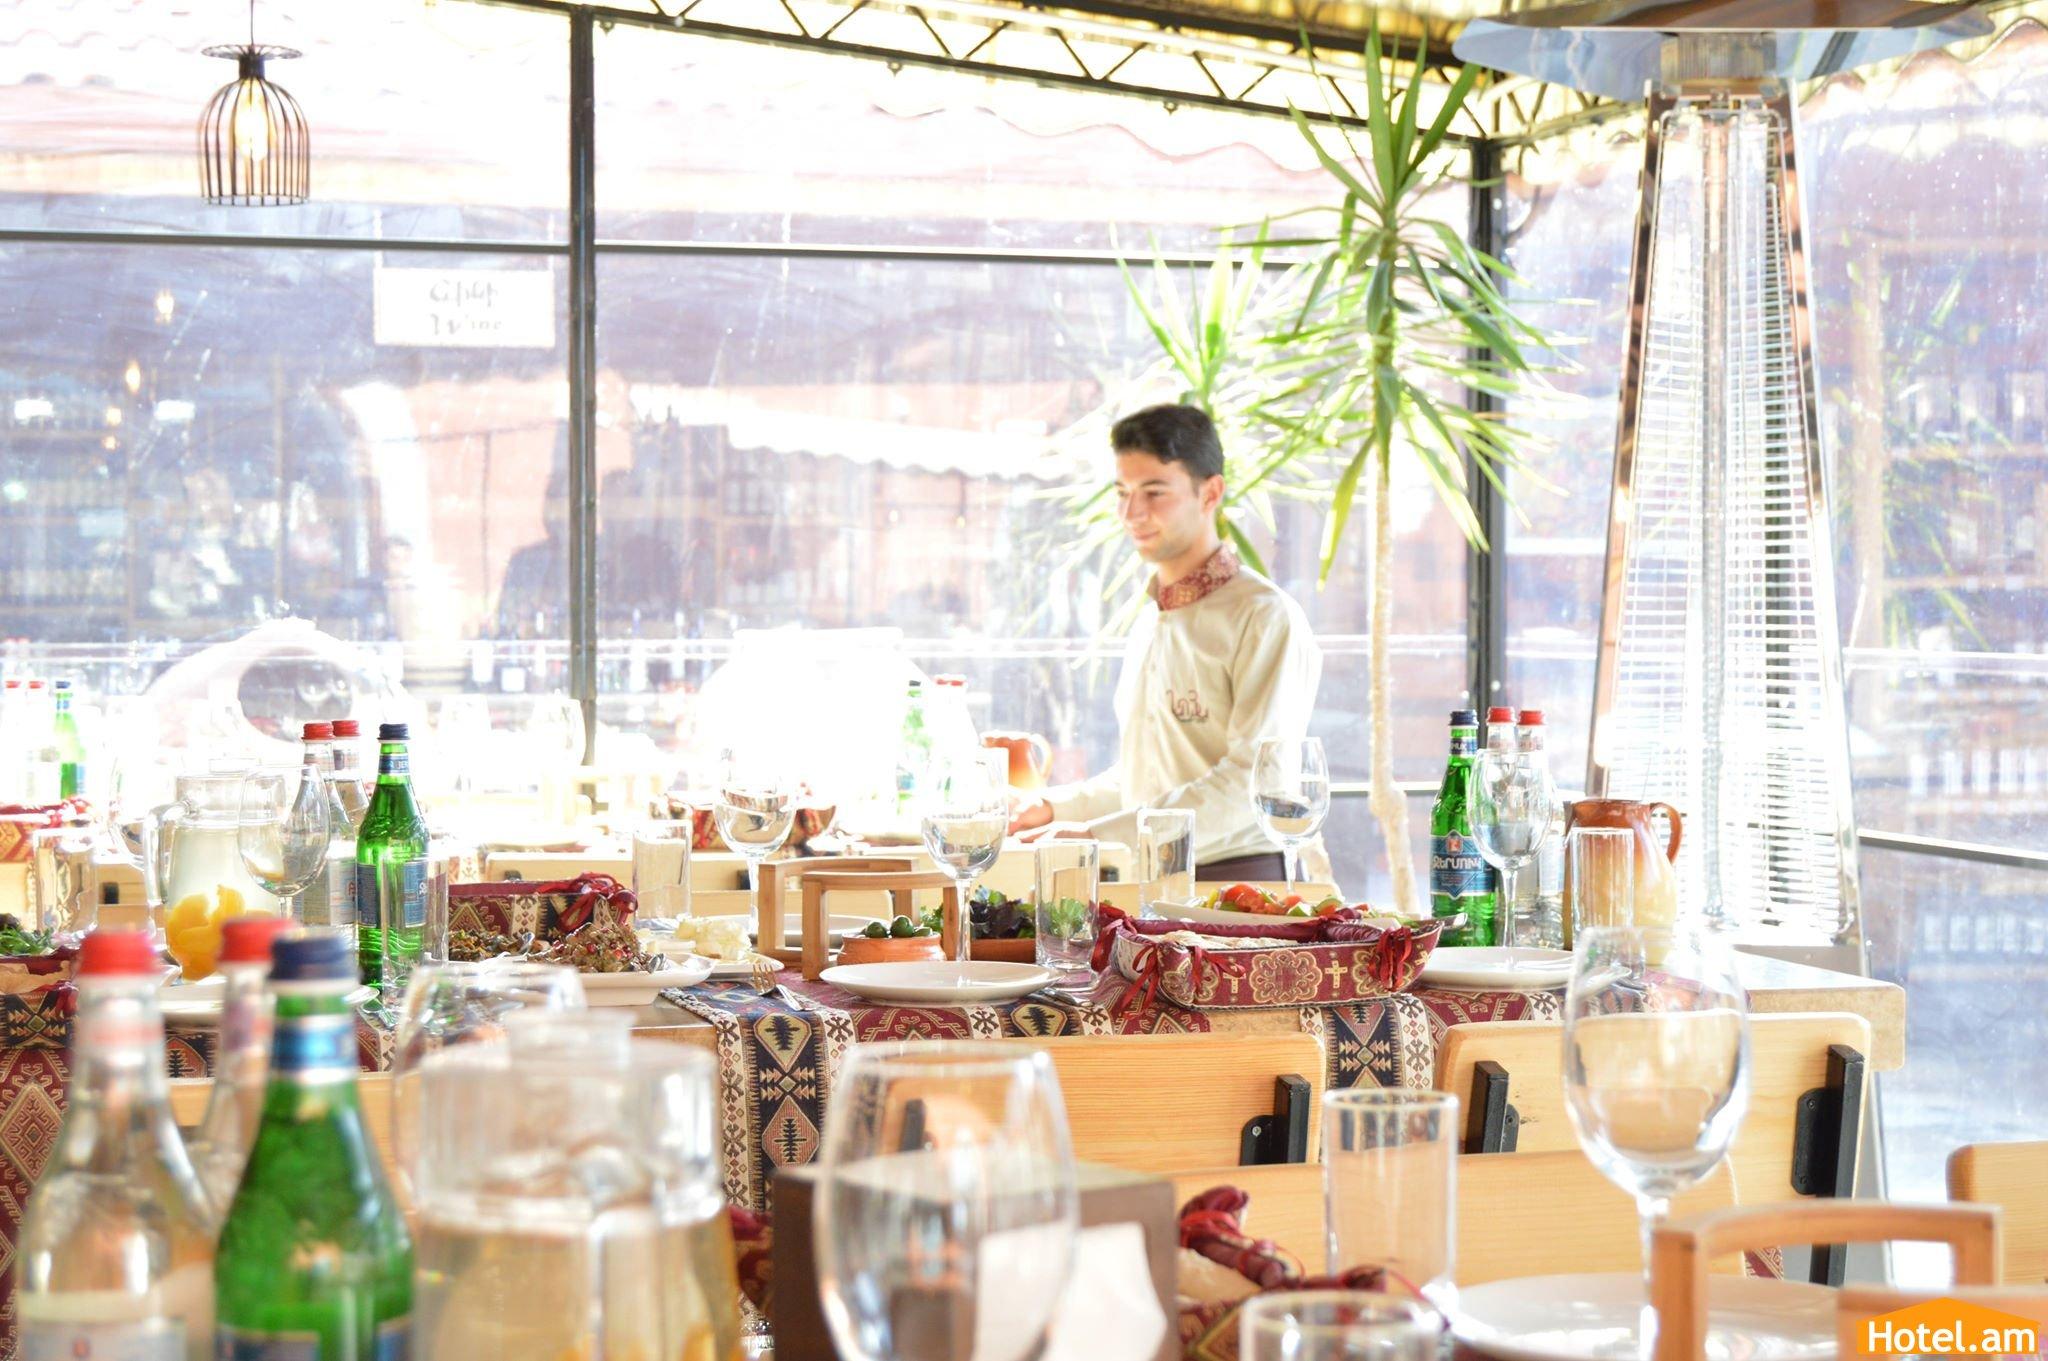 Տեսանյութ.72 ժամով կասեցվել է «Այգի» ռեստորանի գործունեությունը. Այստեղ անցկացվել է հարսանիք. ՍԱՏՄ